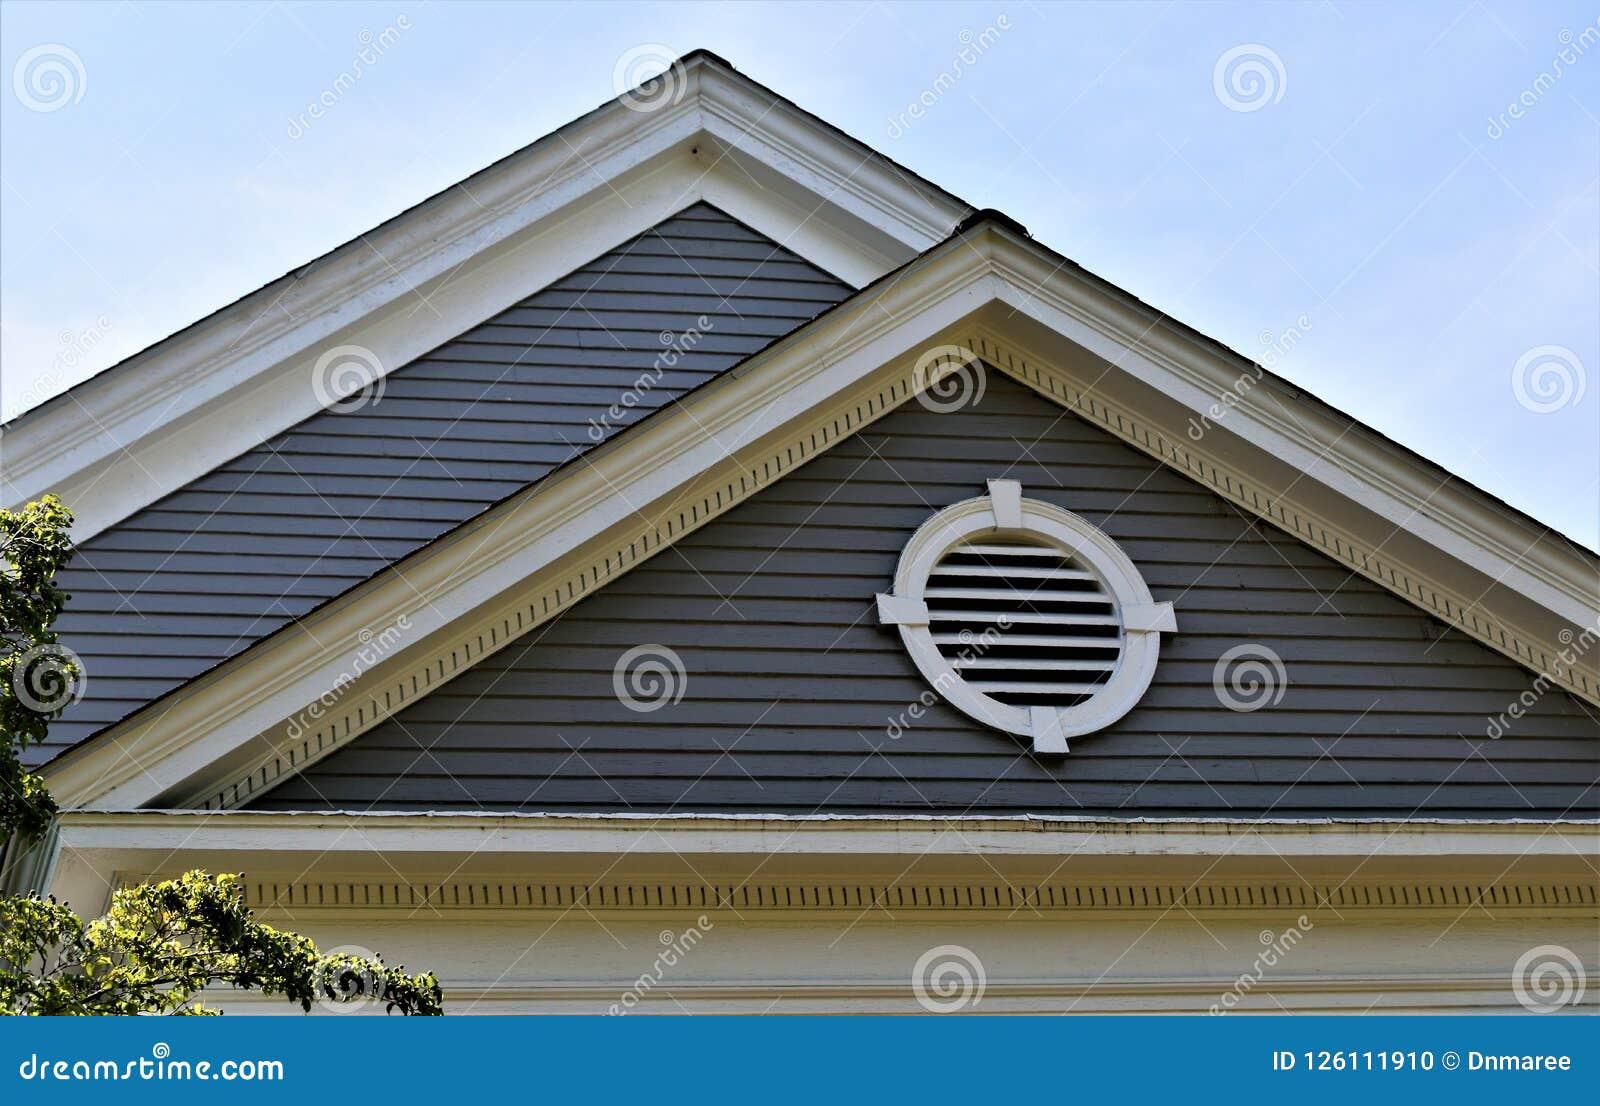 Miasteczko zgoda, Middlesex okręg administracyjny, Massachusetts, Stany Zjednoczone architektura